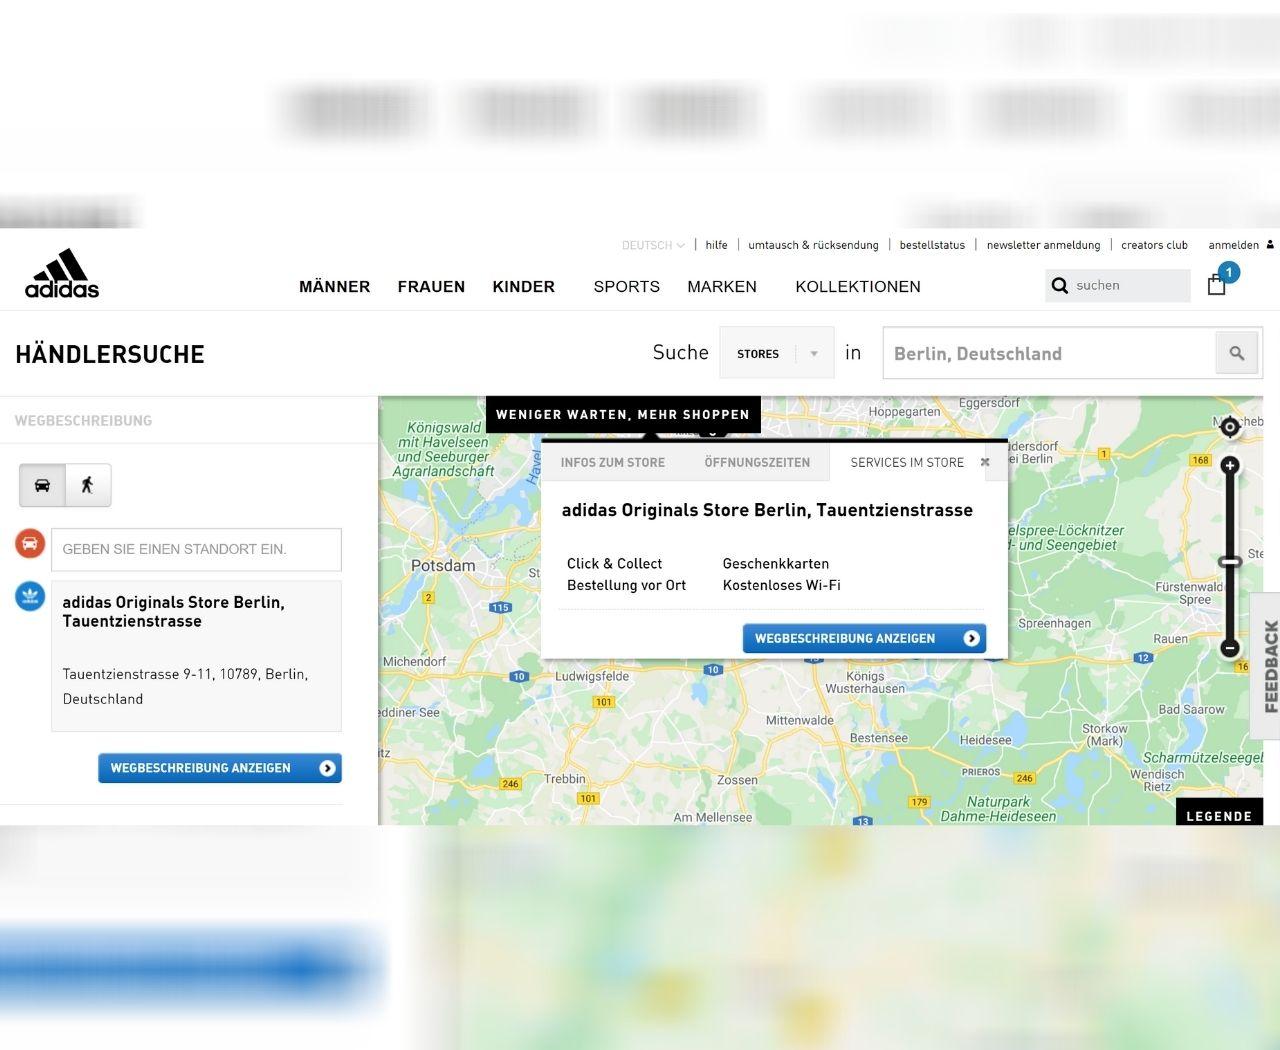 Adidas-Webshop zeigt die nahegelegenen Standorte und verfügbare Services